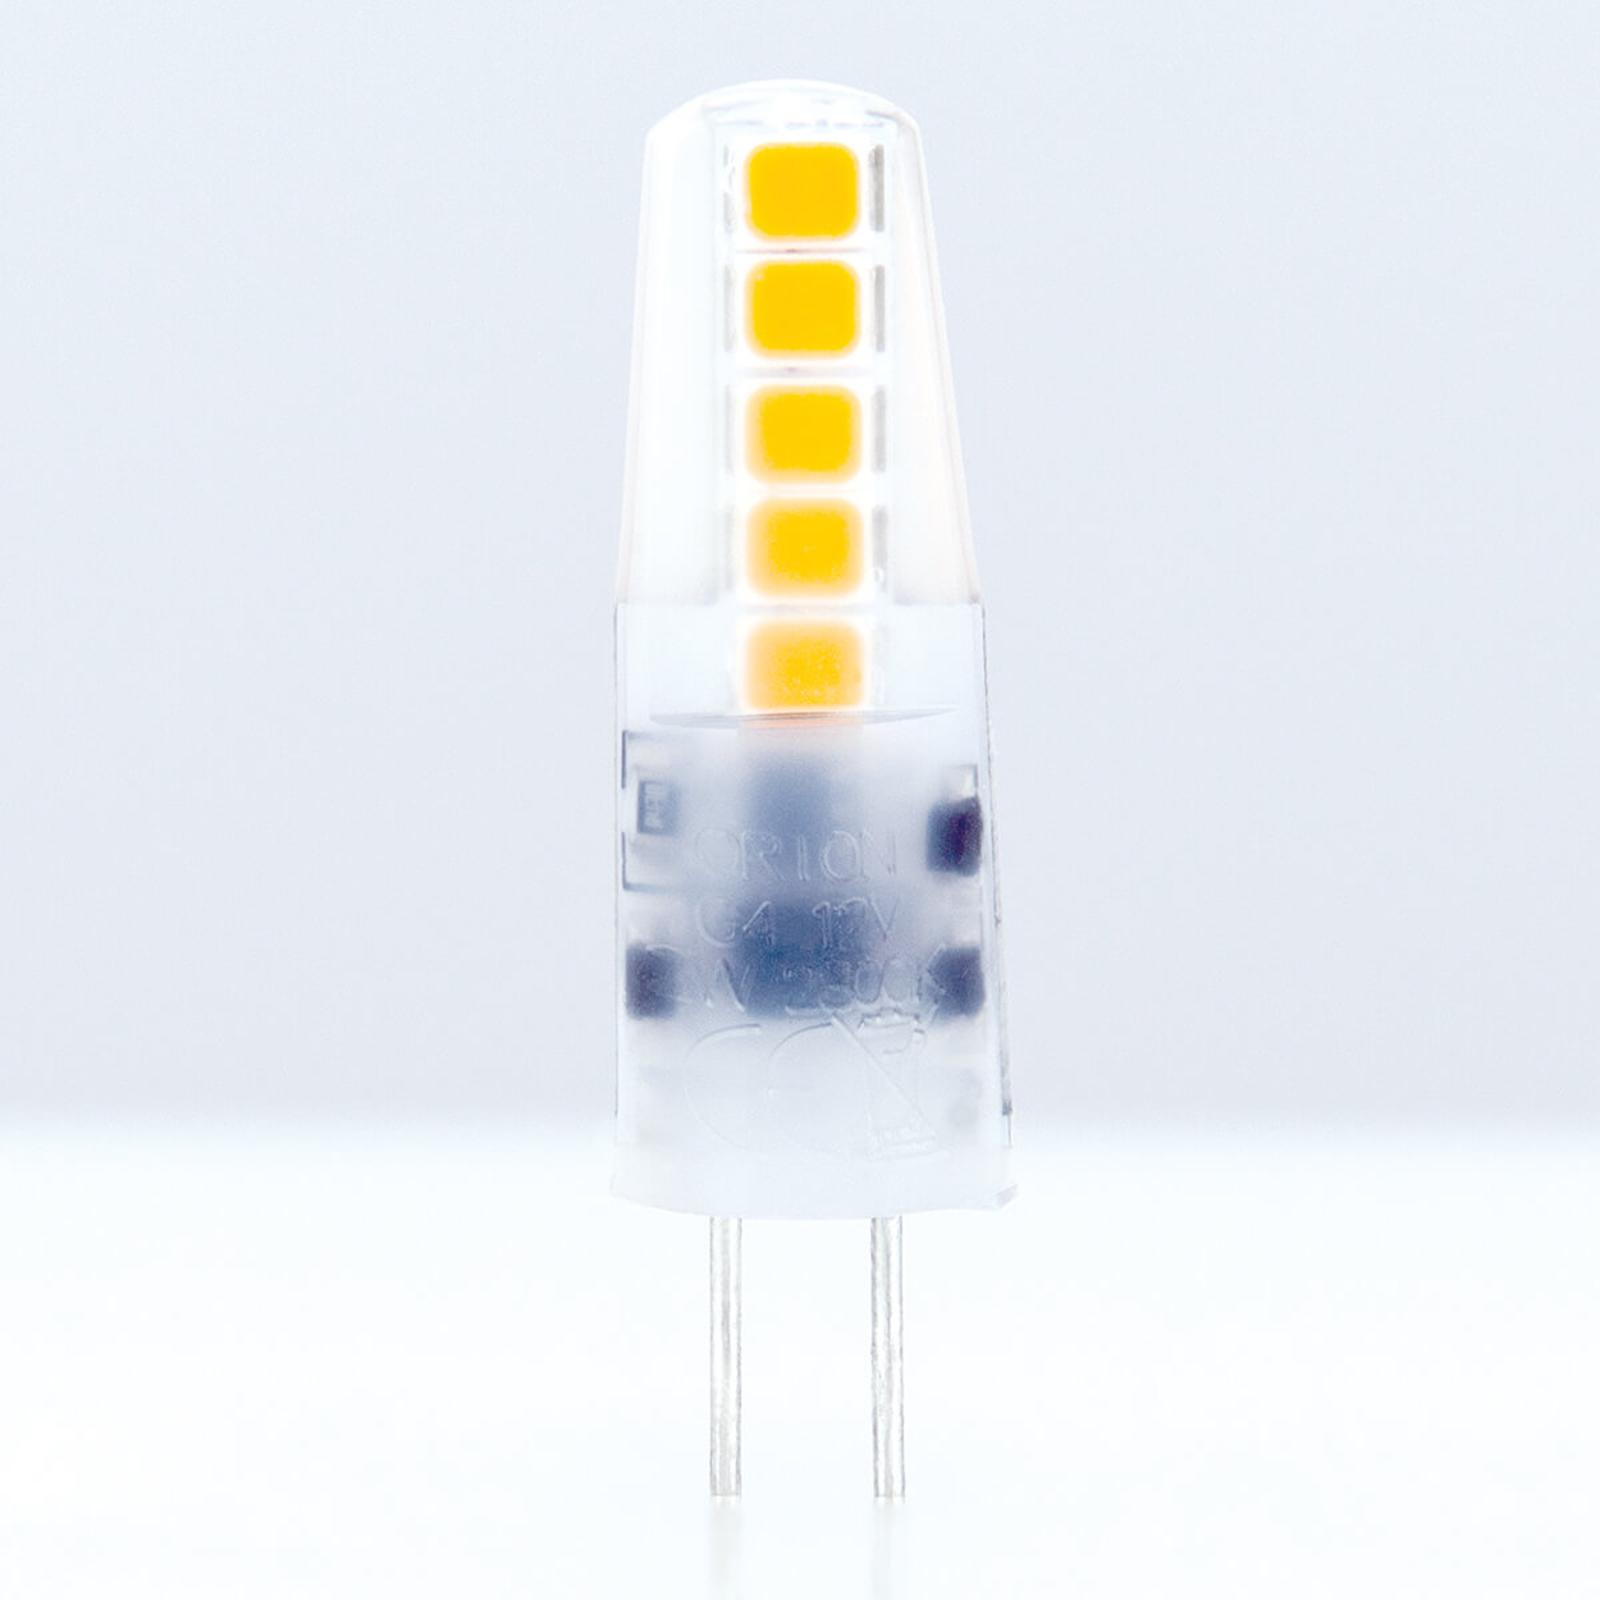 G4 12 V 2 W 828 LED-lyspære med stiftsokkel matt